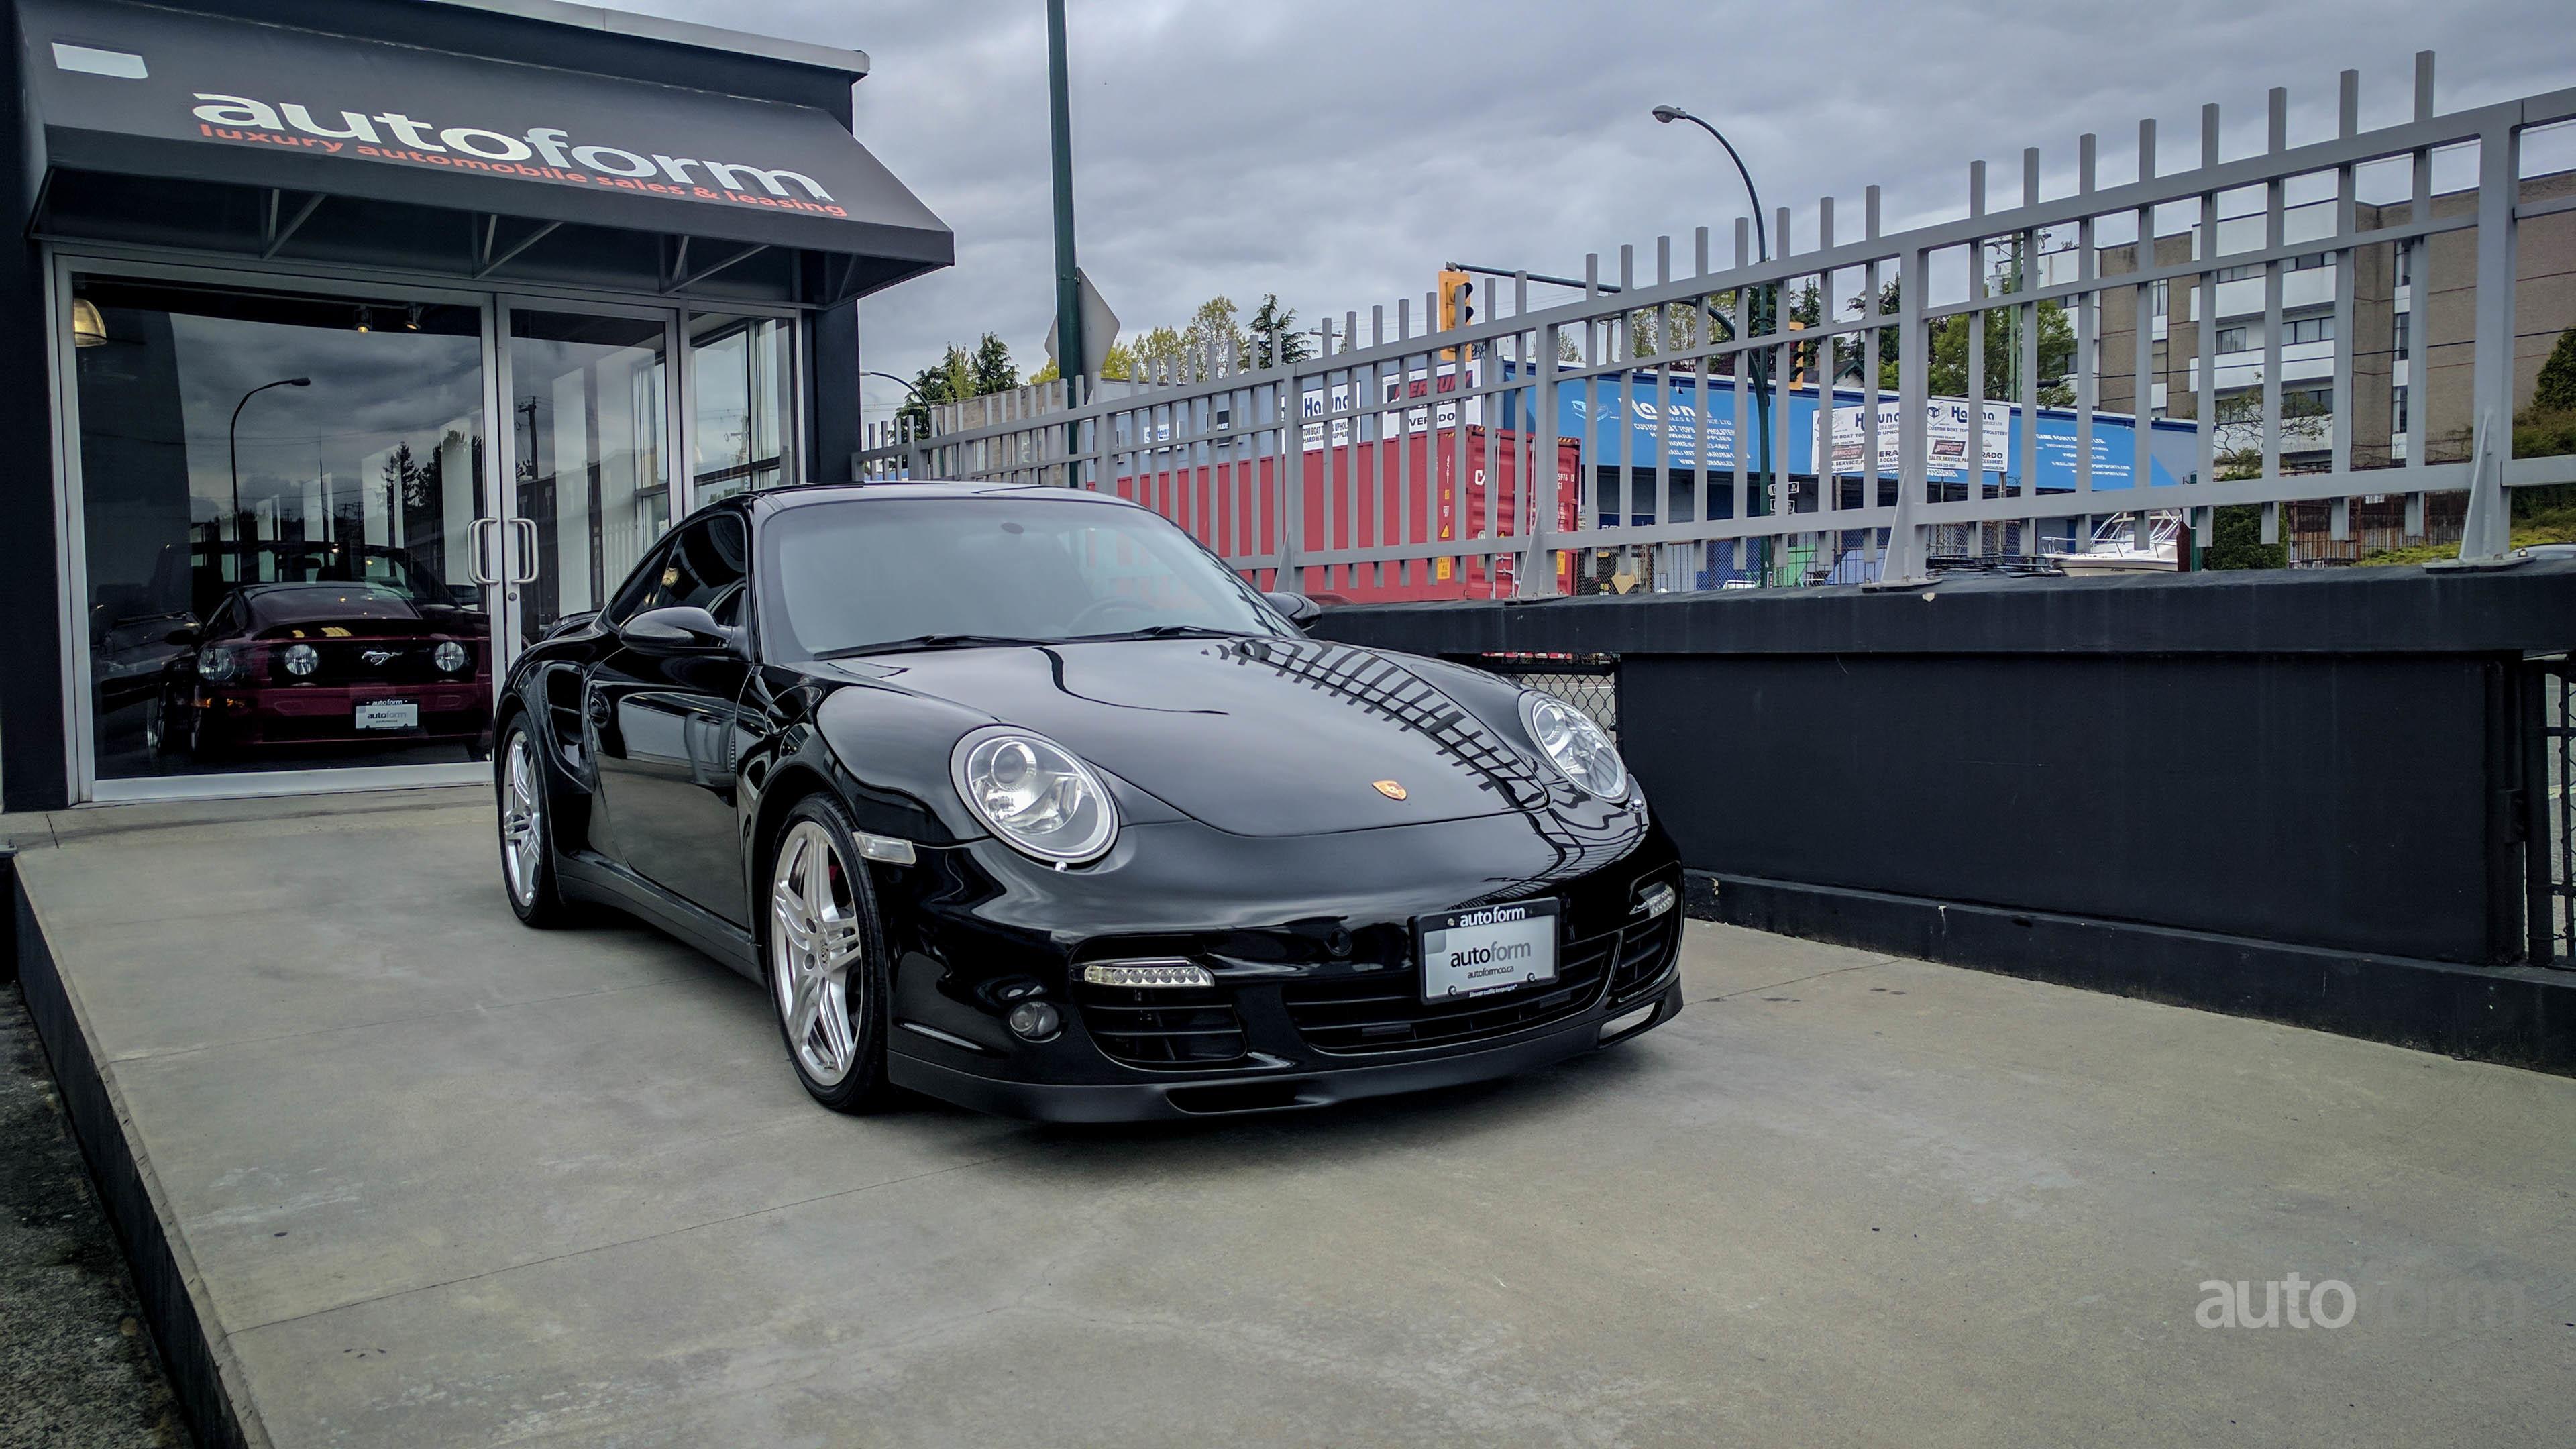 7051 4c821b9b5a46porsche 911 turbo vancouver autoform1